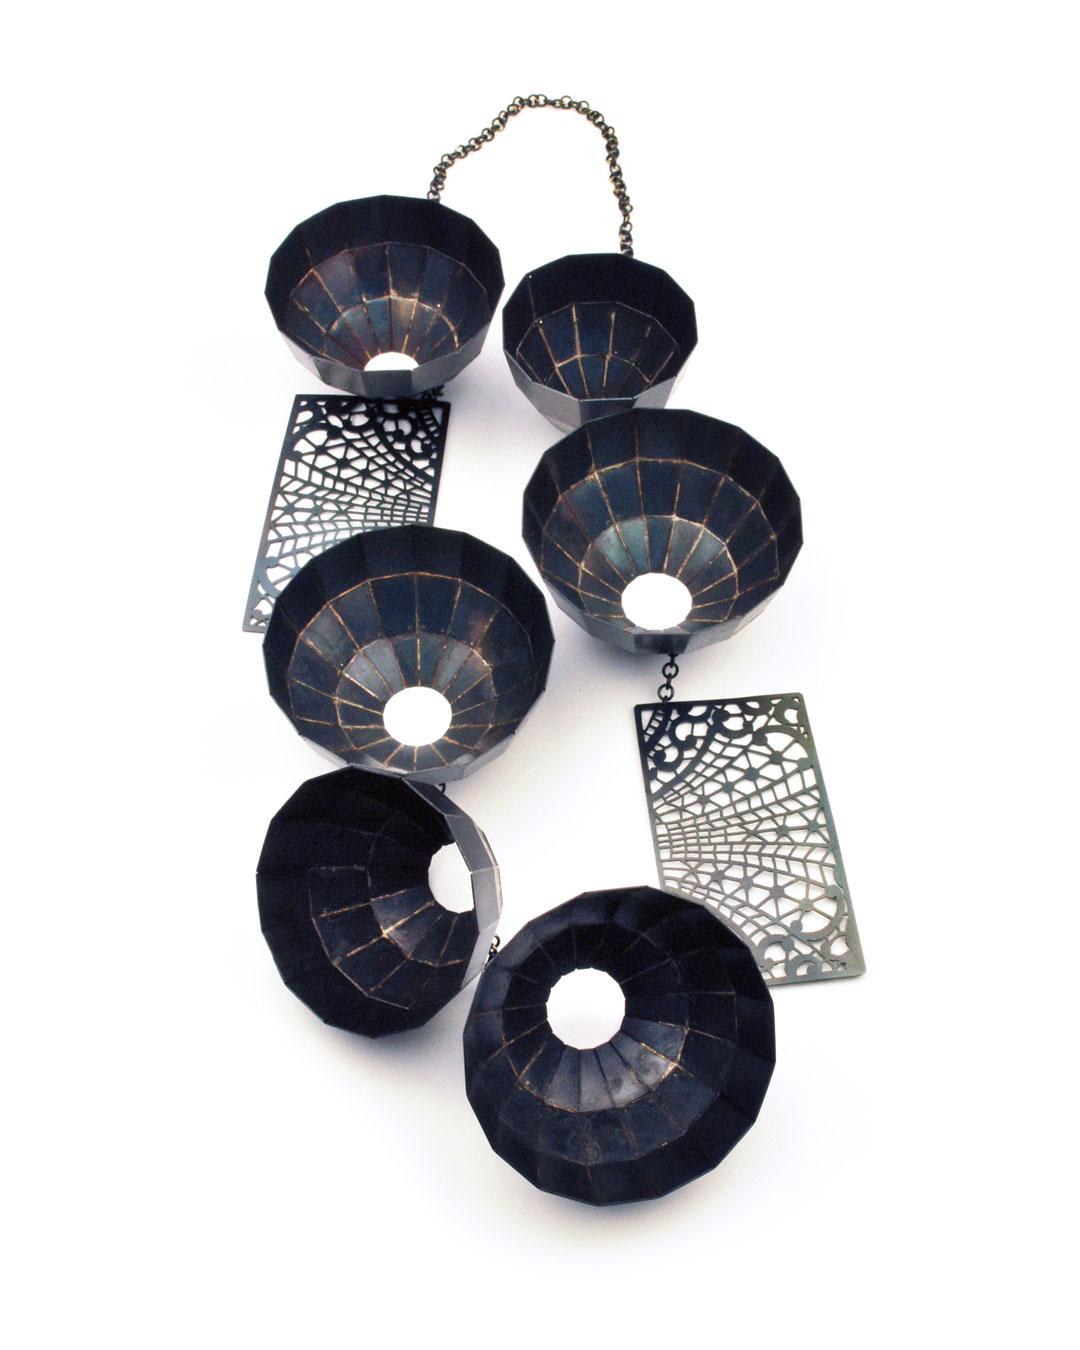 Vera Siemund, untitled, 2018, necklace; steel, 190 x 360 x 40 mm, €5565